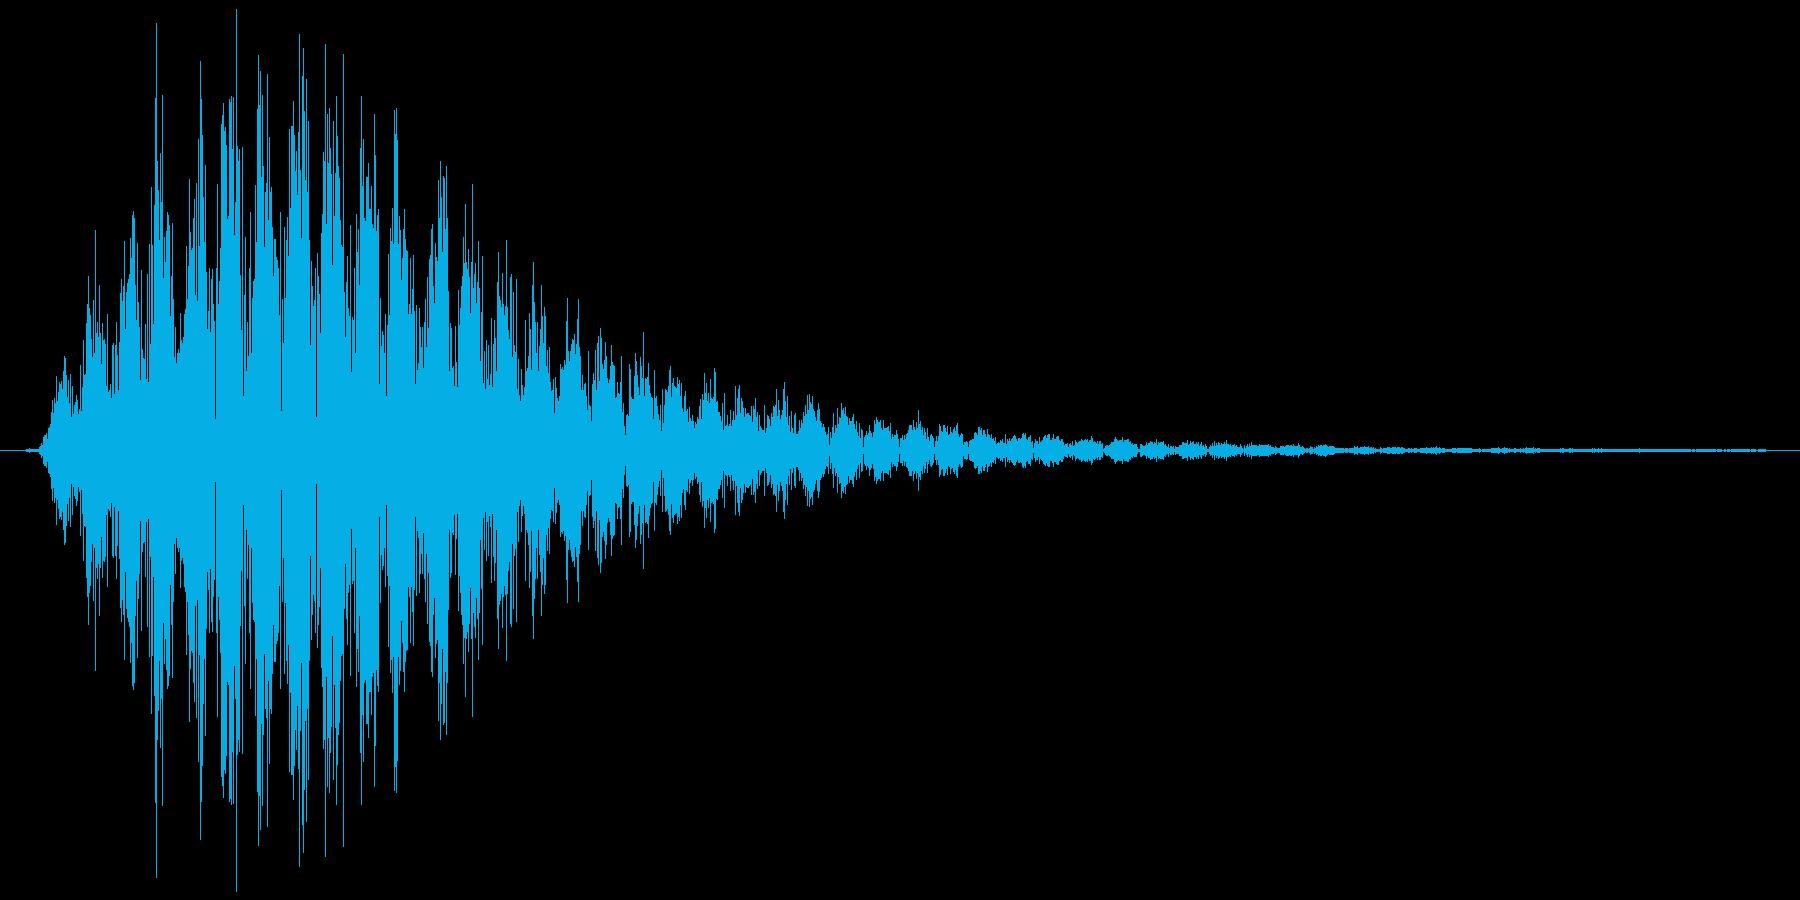 シンセで作ったシュワワ音1の再生済みの波形